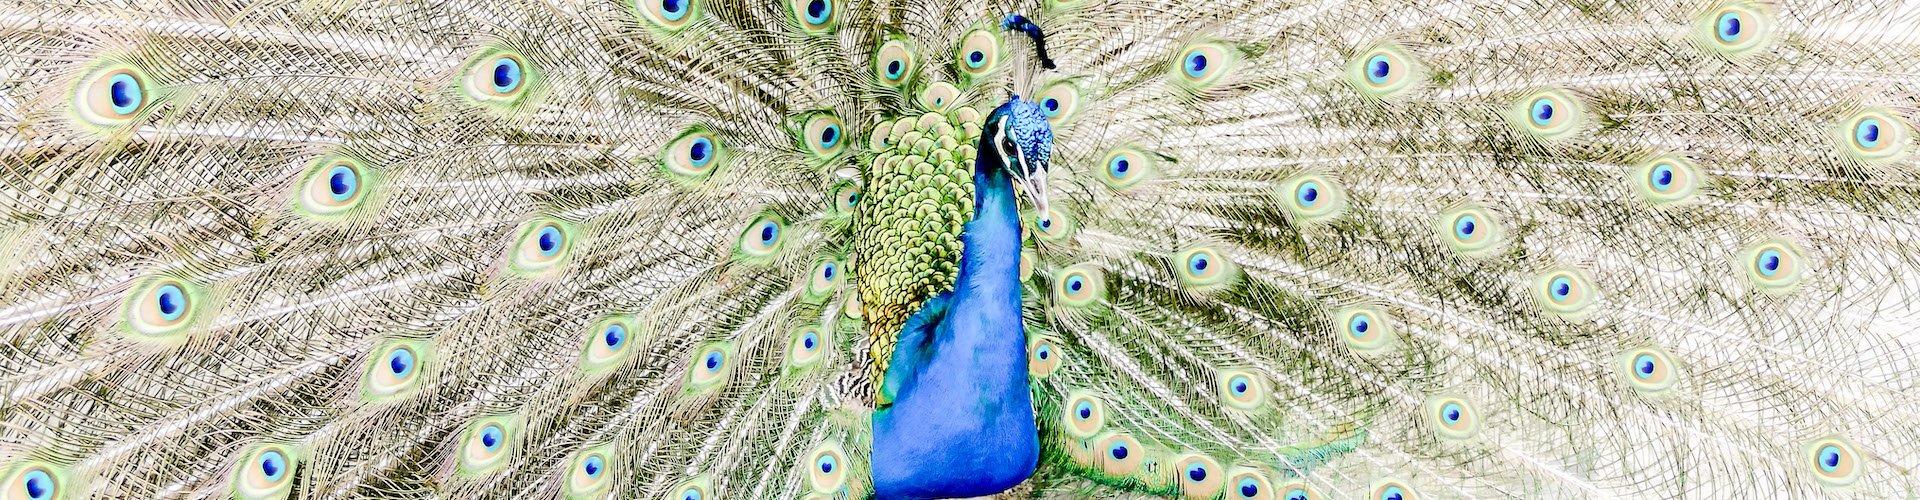 Ausflugsziel Zoologischer Garten Lissabon